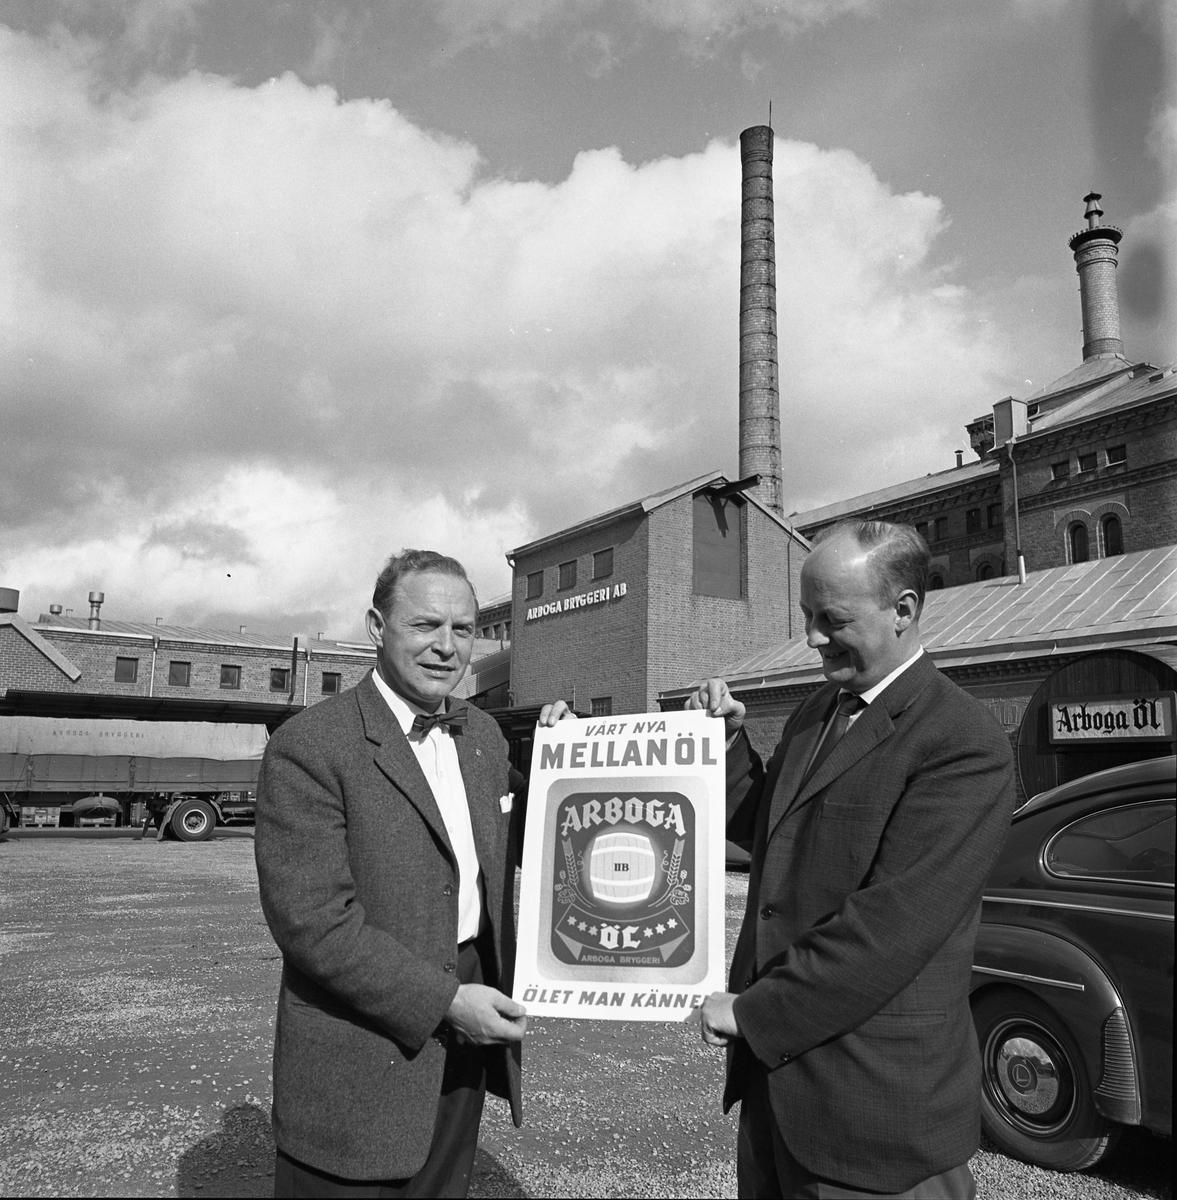 """Arboga Bryggeri. Permiär för mellanölet. Två kavajklädda män står utanför bryggeriet. De håller i en reklamskylt med texten """"Vårt nya mellanöl, Arboga öl, ölet man känner"""". Mannen till vänster är Helge E Carlsson. Mannen till höger är Ture Anderberg, bryggmästare.  Anläggningen var färdigbyggd 1899 och verksamheten startade 1 november samma år. 24 oktober 1980 tappades det sista ölet, på bryggeriet. Märket var Dart. Läs om Arboga Bryggeri i hembygdsföreningen Arboga Minnes årsbok 1981"""